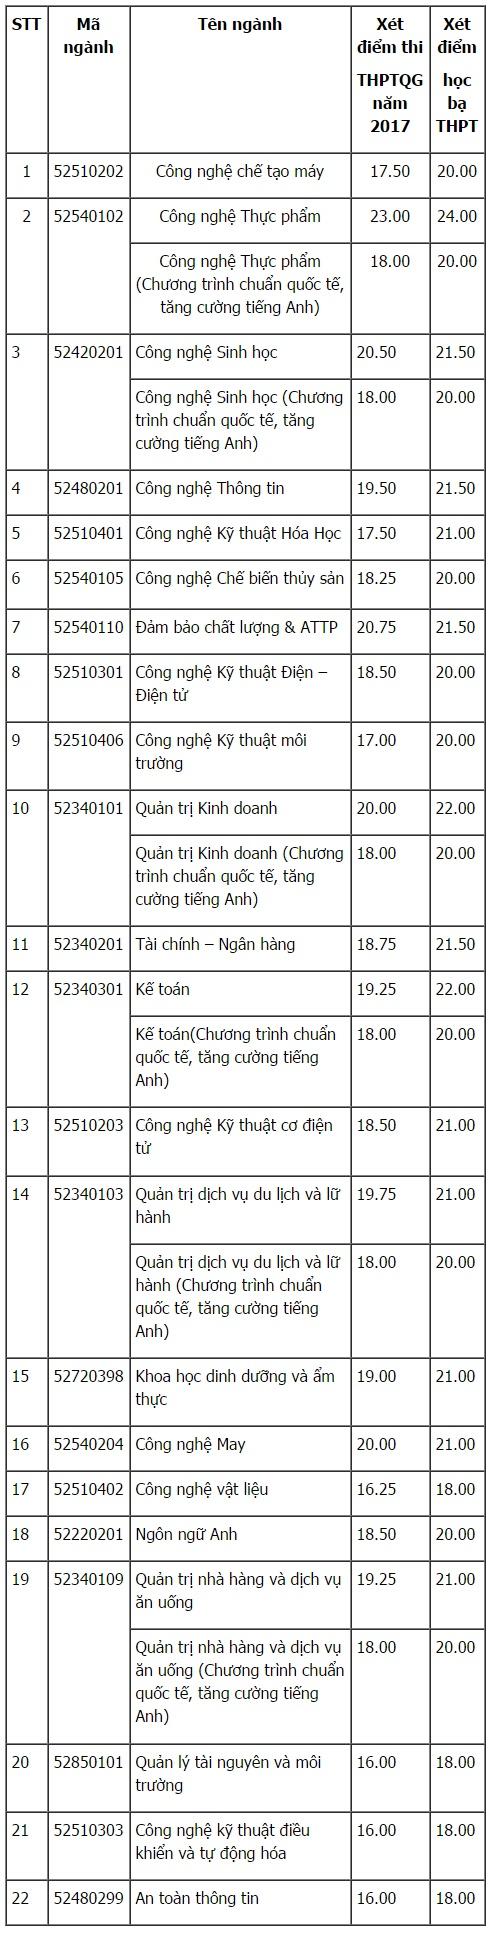 Điểm chuẩn Đại học công nghệ Thực phẩm TP. Hồ Chí Minh